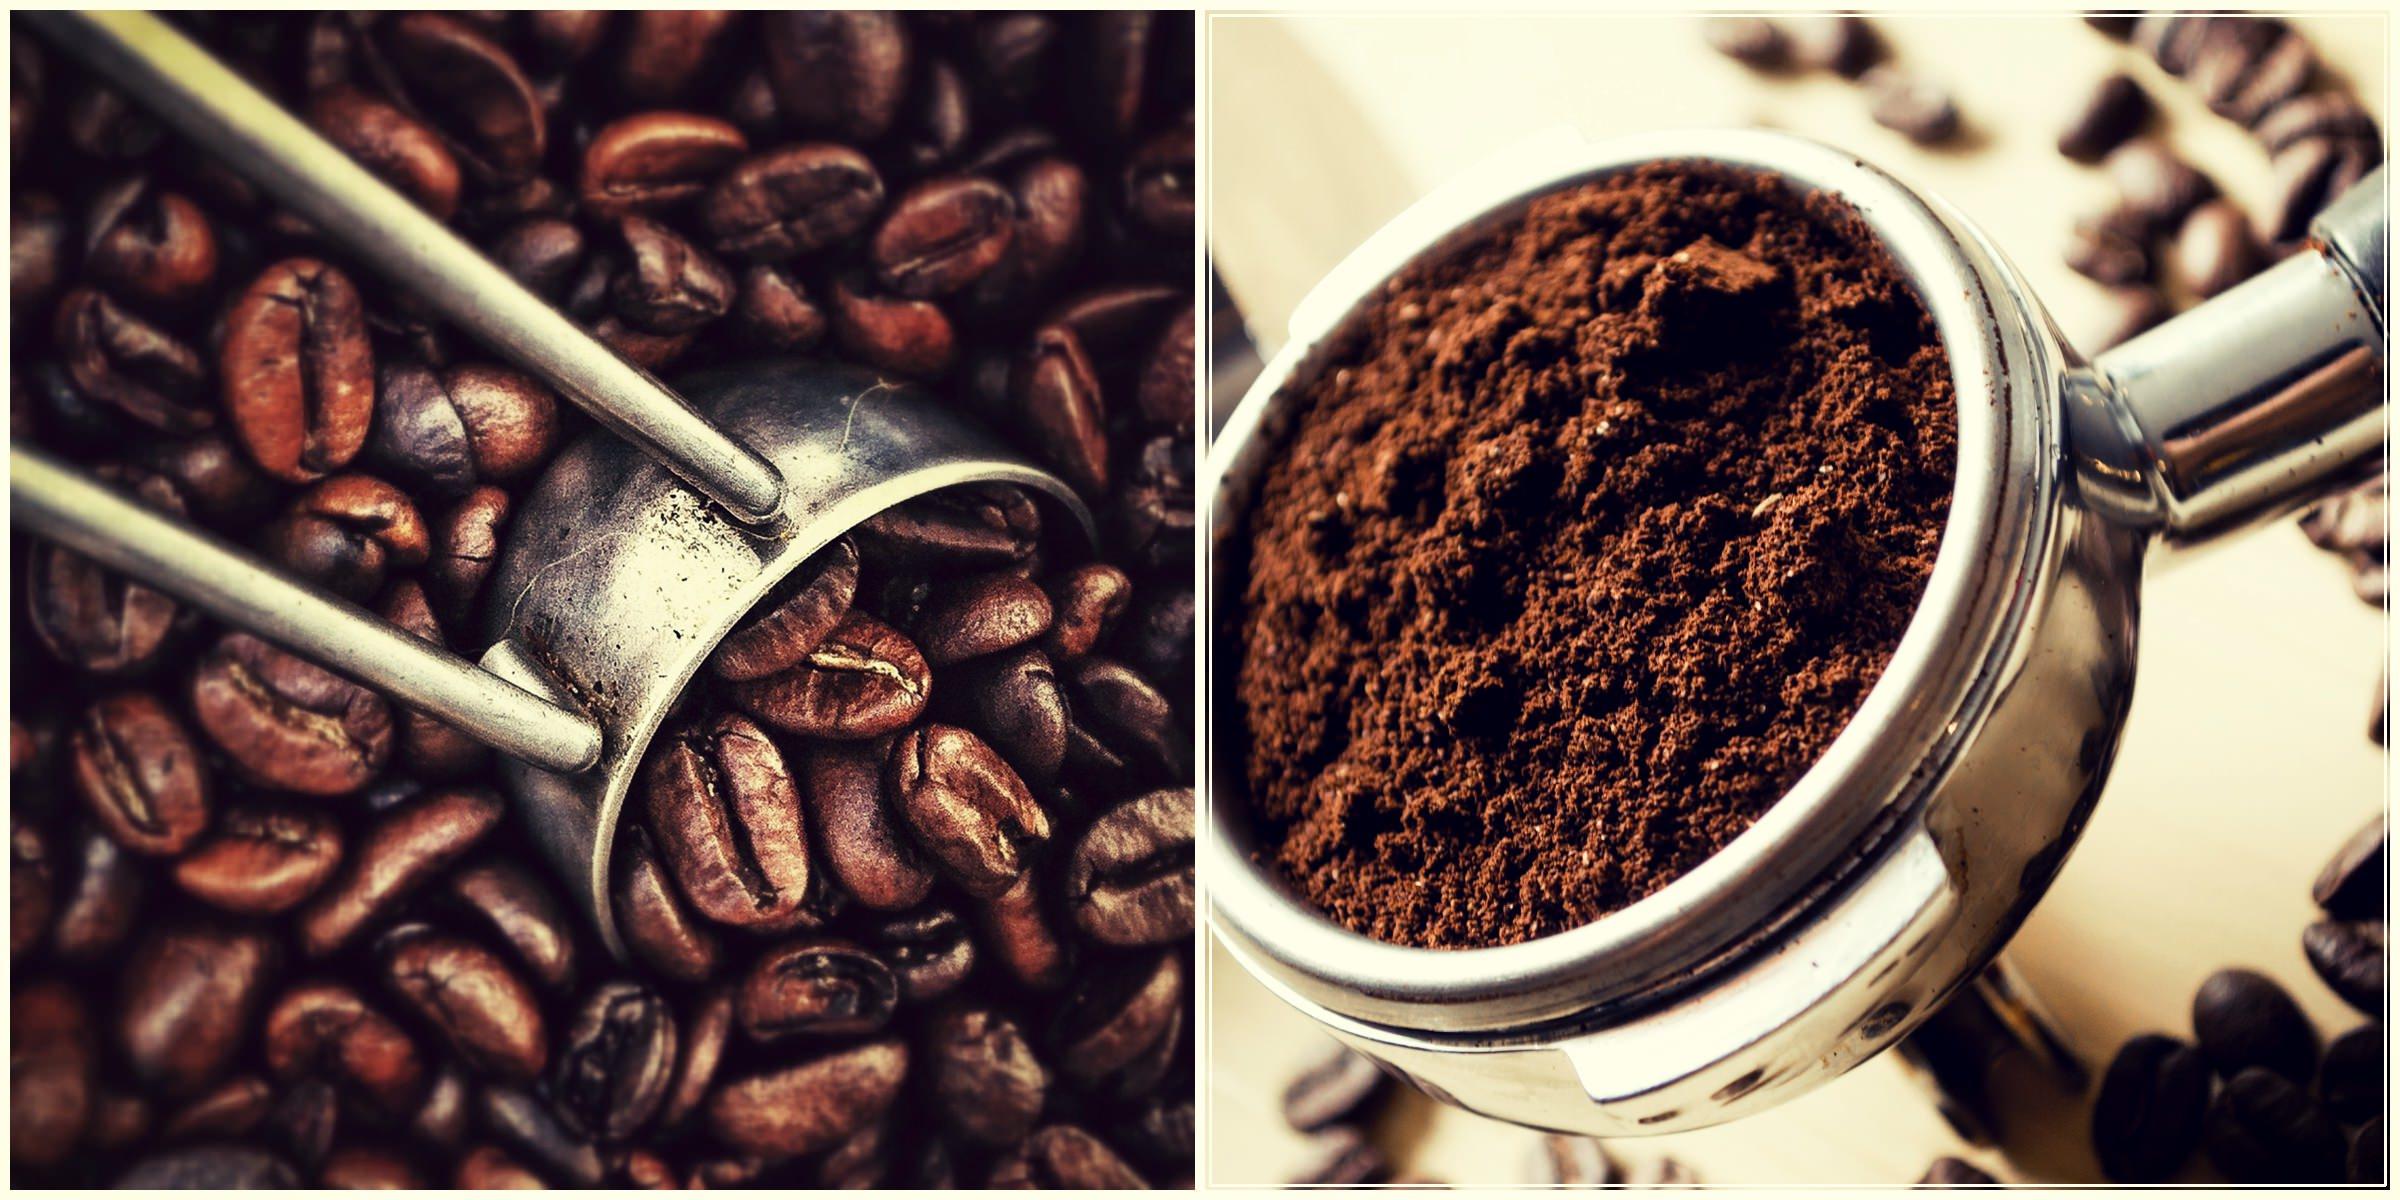 Кофе. Музей кофе. Кофейные зерна